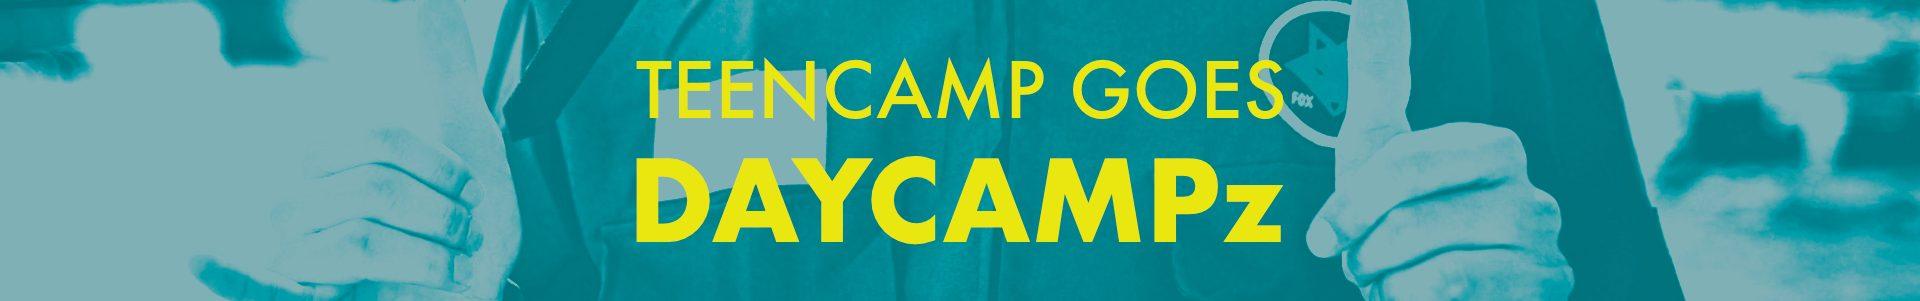 DayCAMPz Banner klein